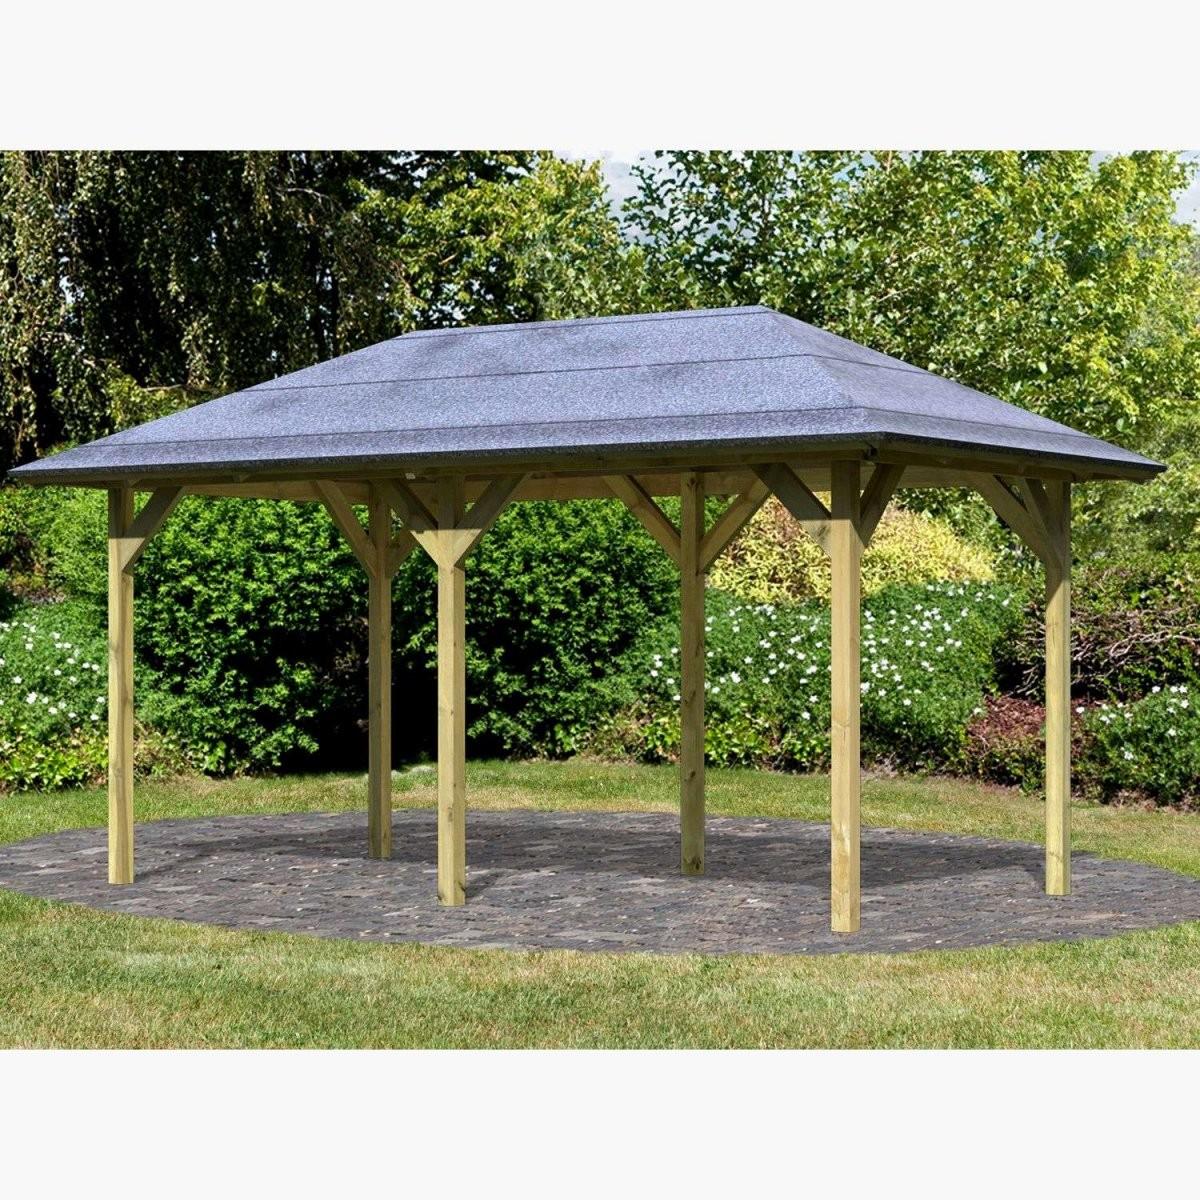 Pavillon Holz Garten Neu Pavillon Holz Selber Bauen Design Neu von Holz Pavillon 3X4 Selber Bauen Bild